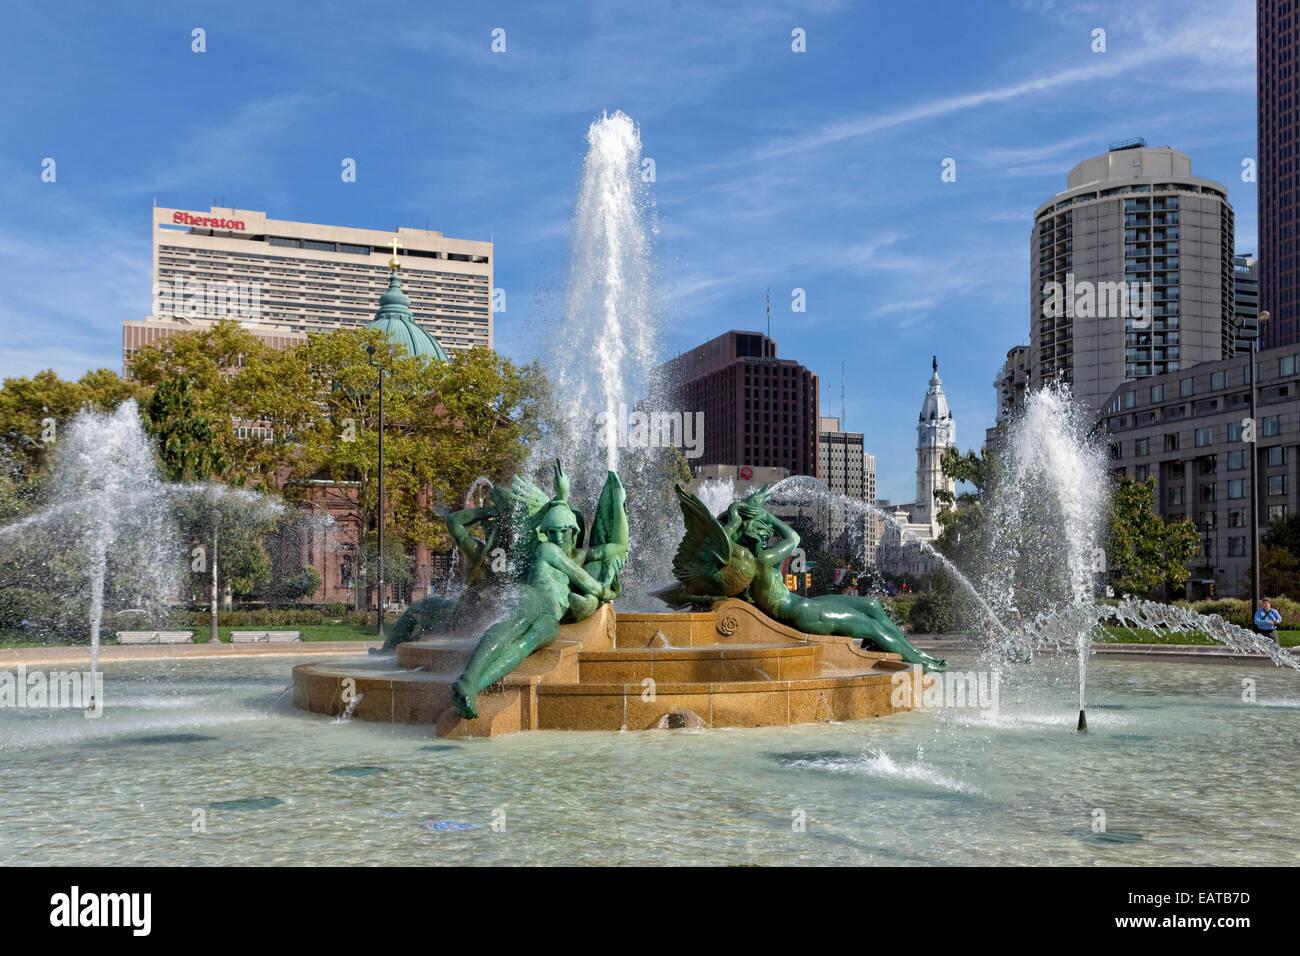 Le Swann Memorial Fountain est situé dans la région de Logan Circle, Philadelphie, Pennsylvanie. Aussi Photo Stock